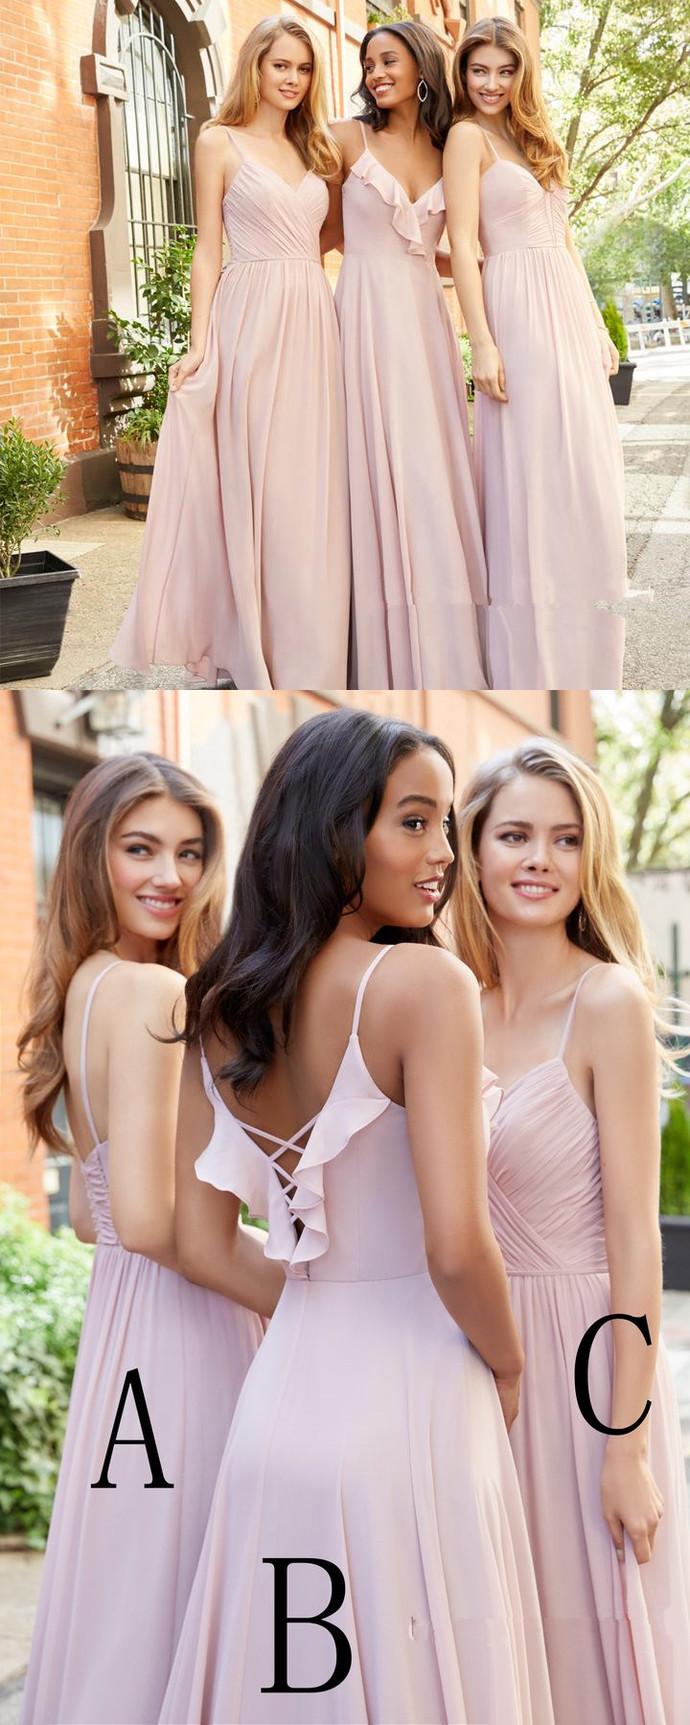 Mismatched Bridesmaid Dress, Chiffon Bridesmaid Dress, Pink Bridesmaid Dress